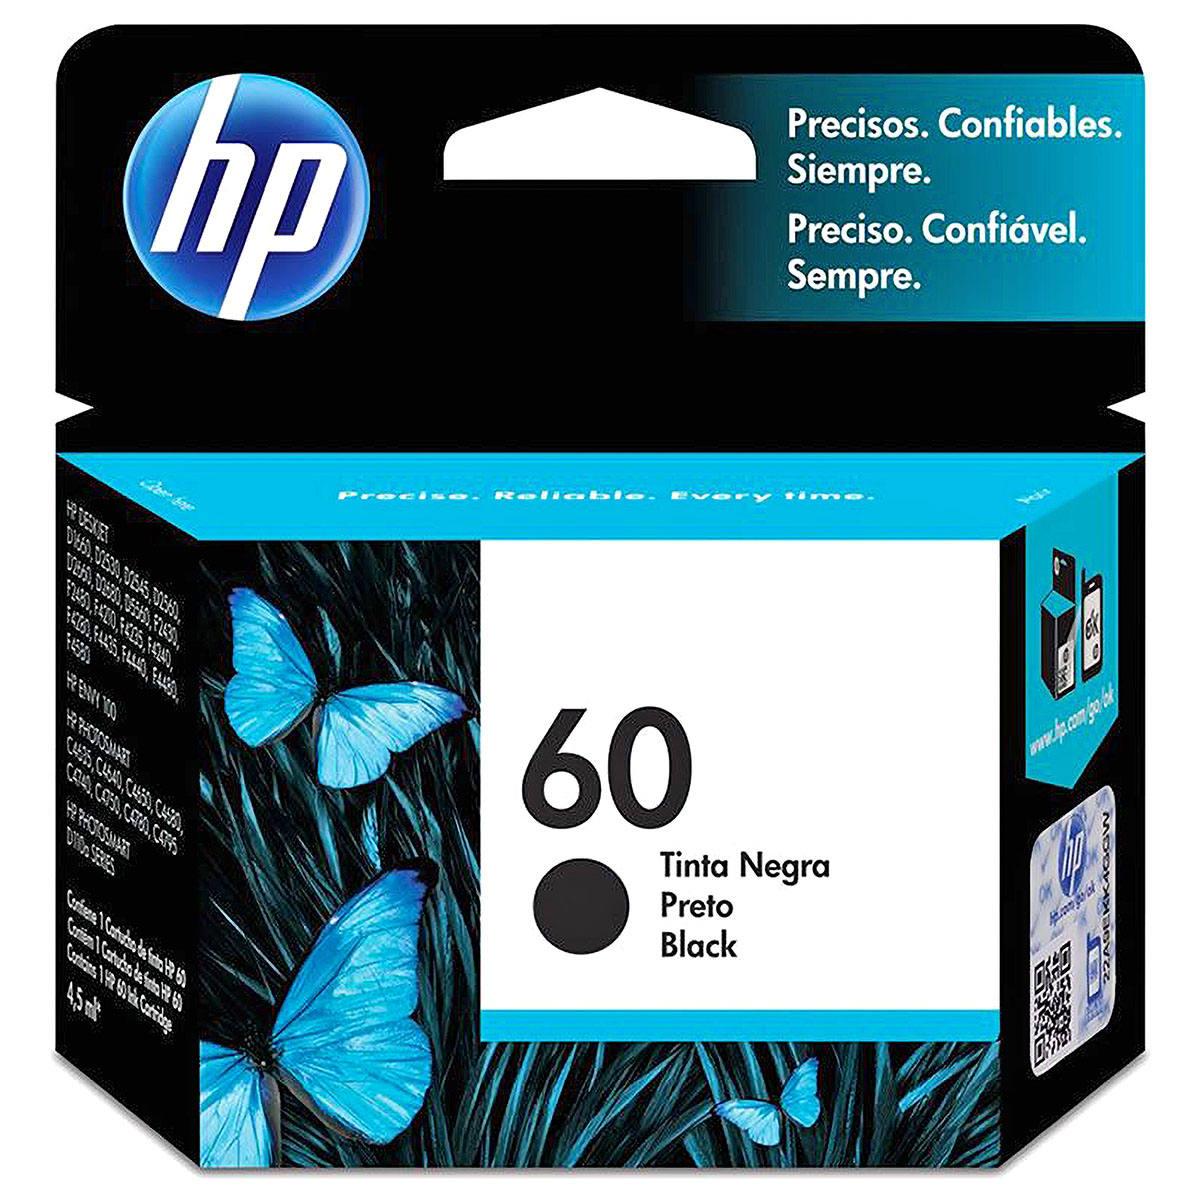 Cartucho de Tinta HP 60 Preto CC640WB para HP Deskjet D1660 D2560 F4280 Photosmart C4680 D110a ENVY D410a Original 4ml